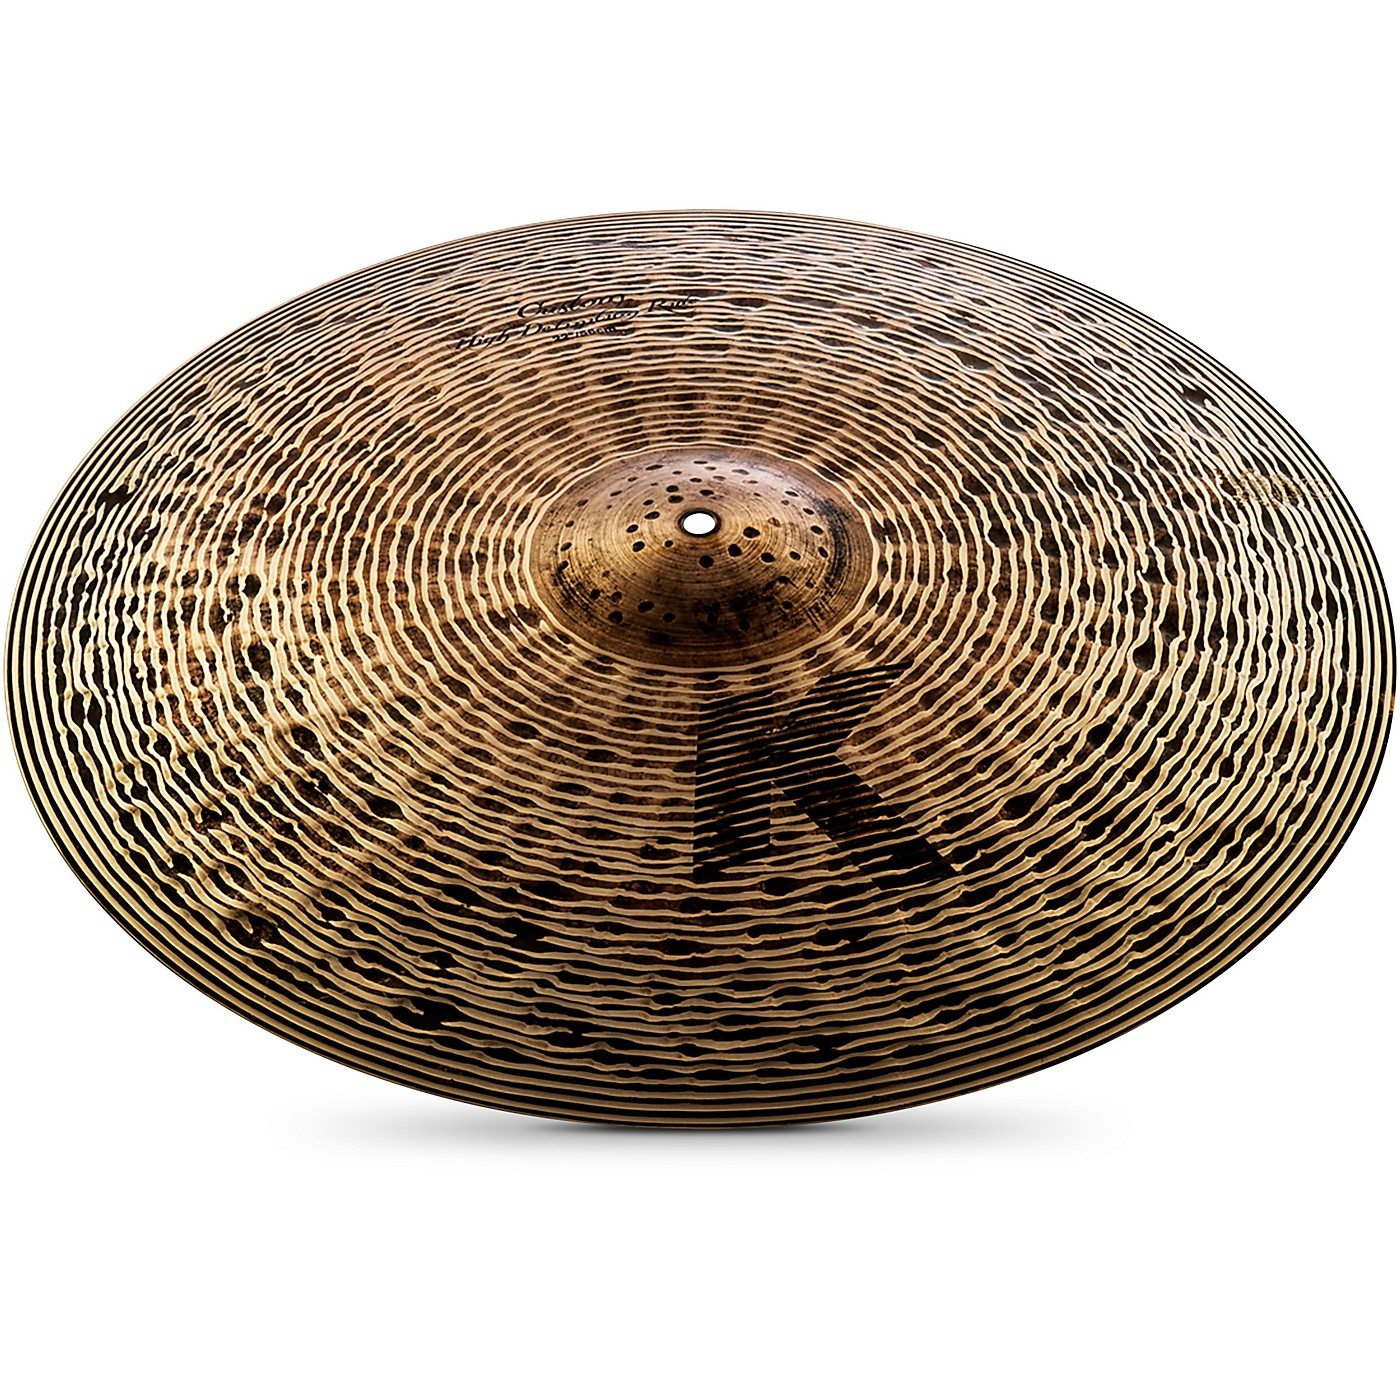 Zildjian K Custom High Definition Ride Cymbal thumbnail